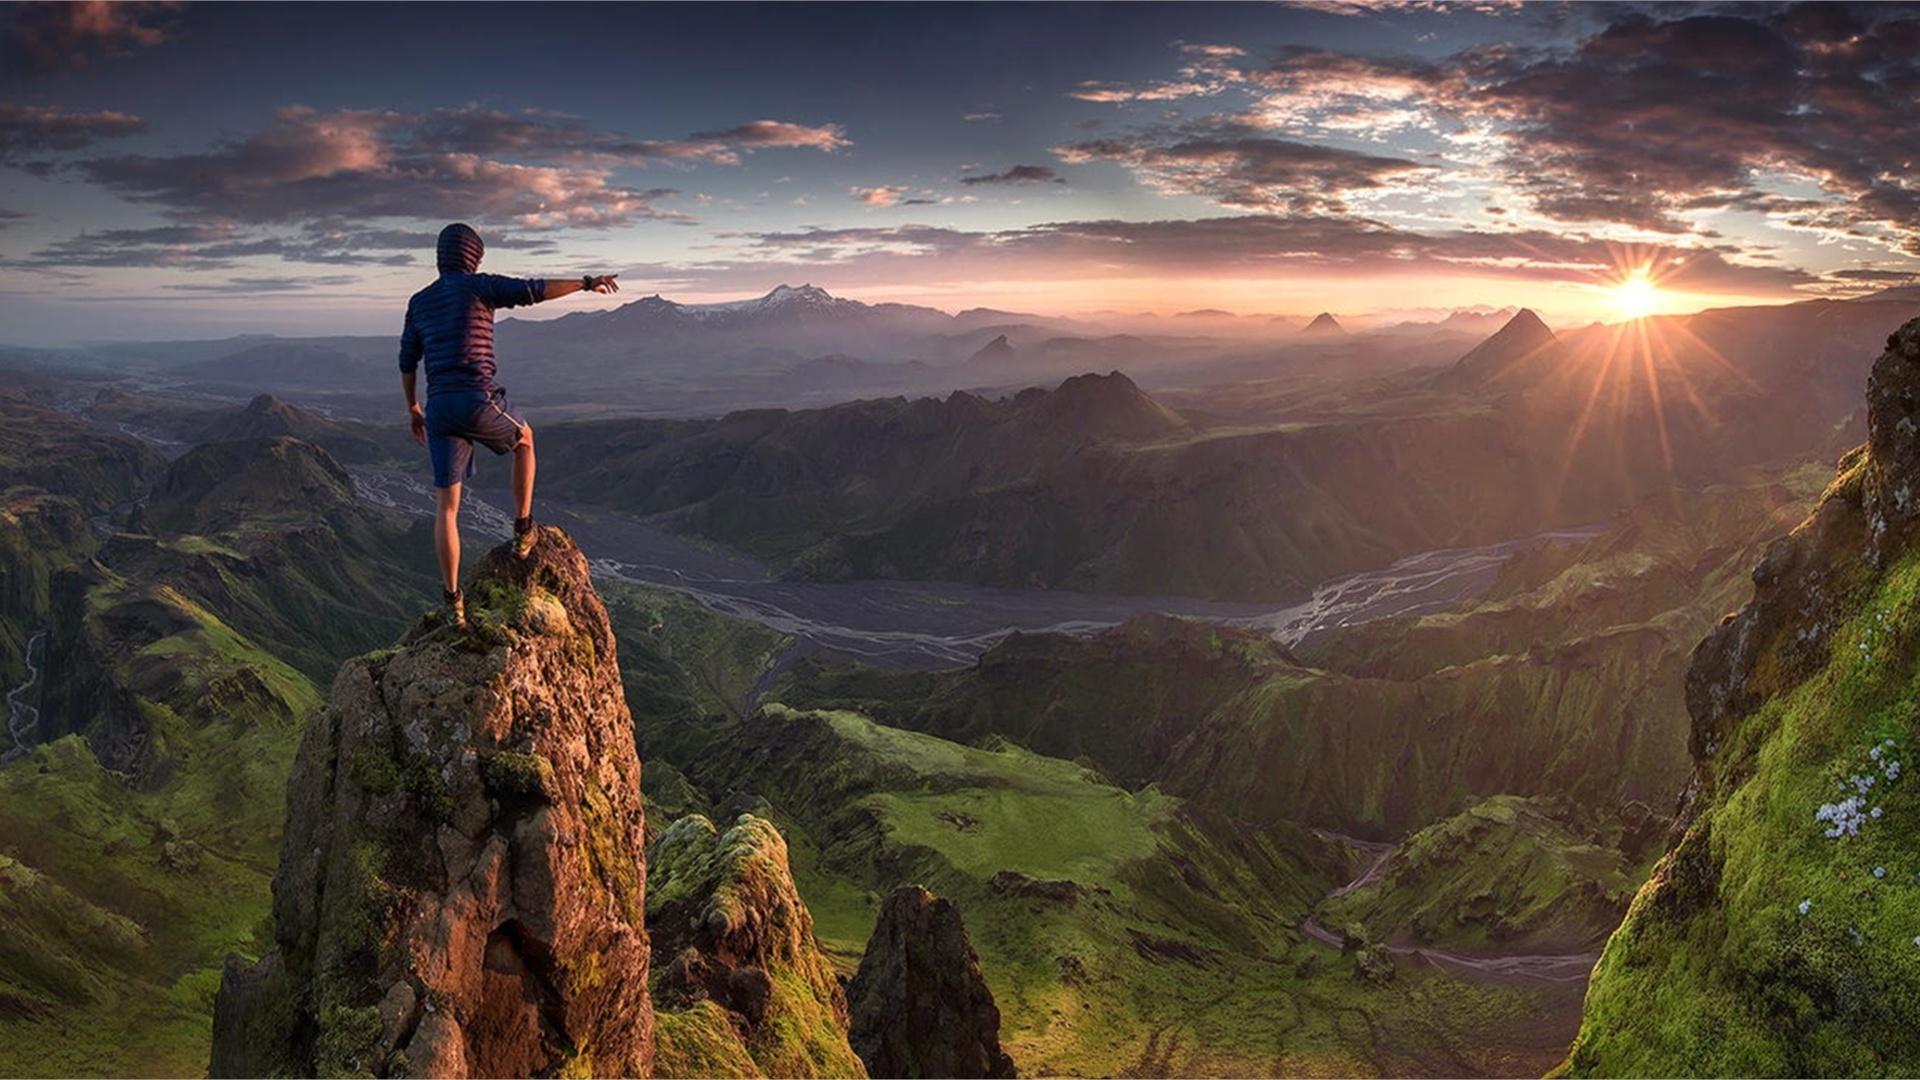 этих картинки на аву горы и человек приемы использовать